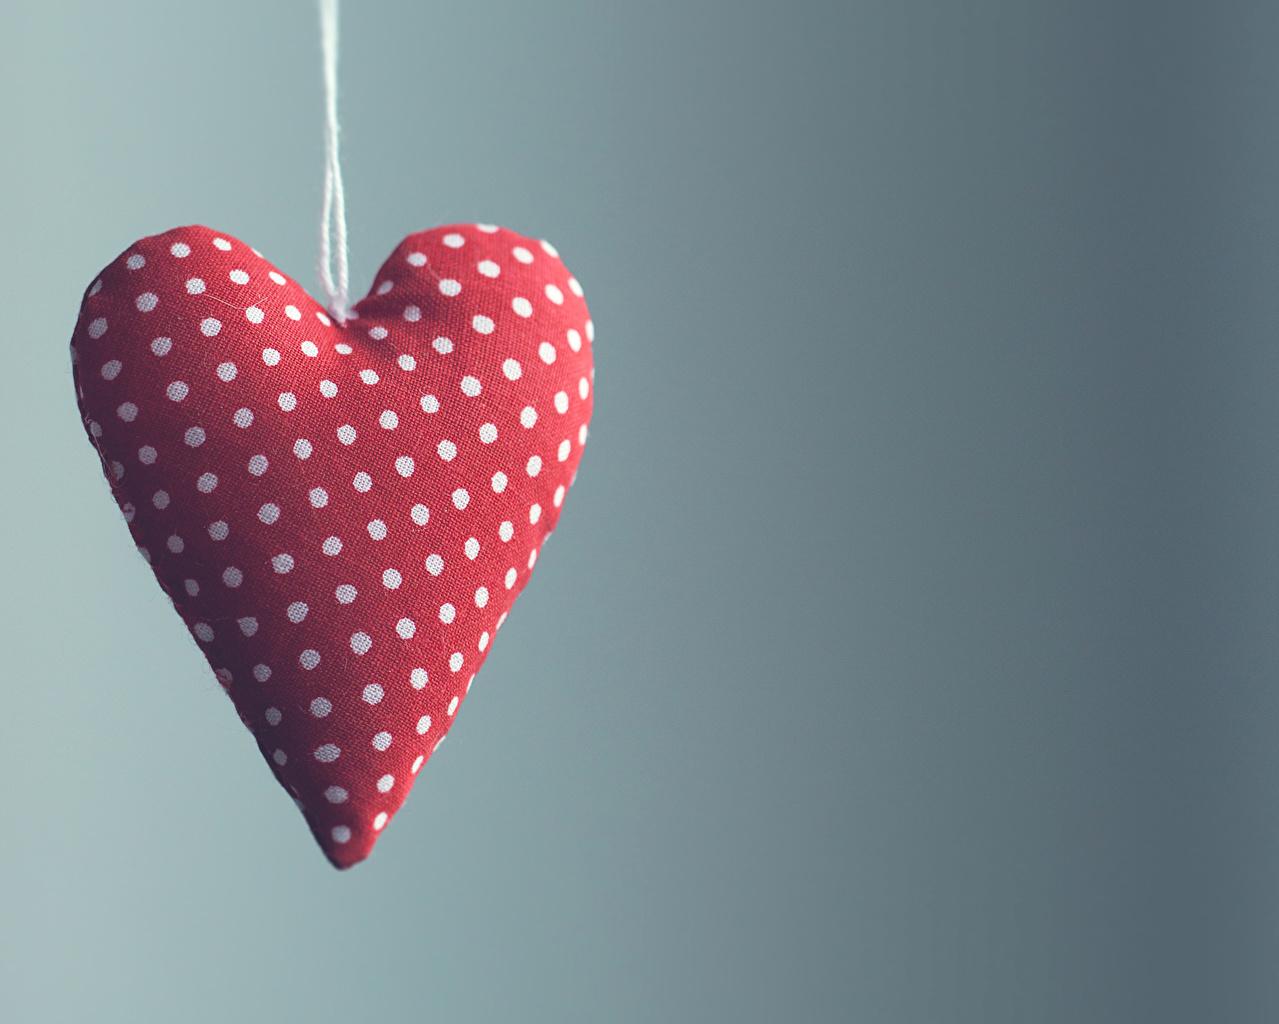 День святого Валентина Крупным планом Цветной фон Сердце День всех влюблённых, сердечко